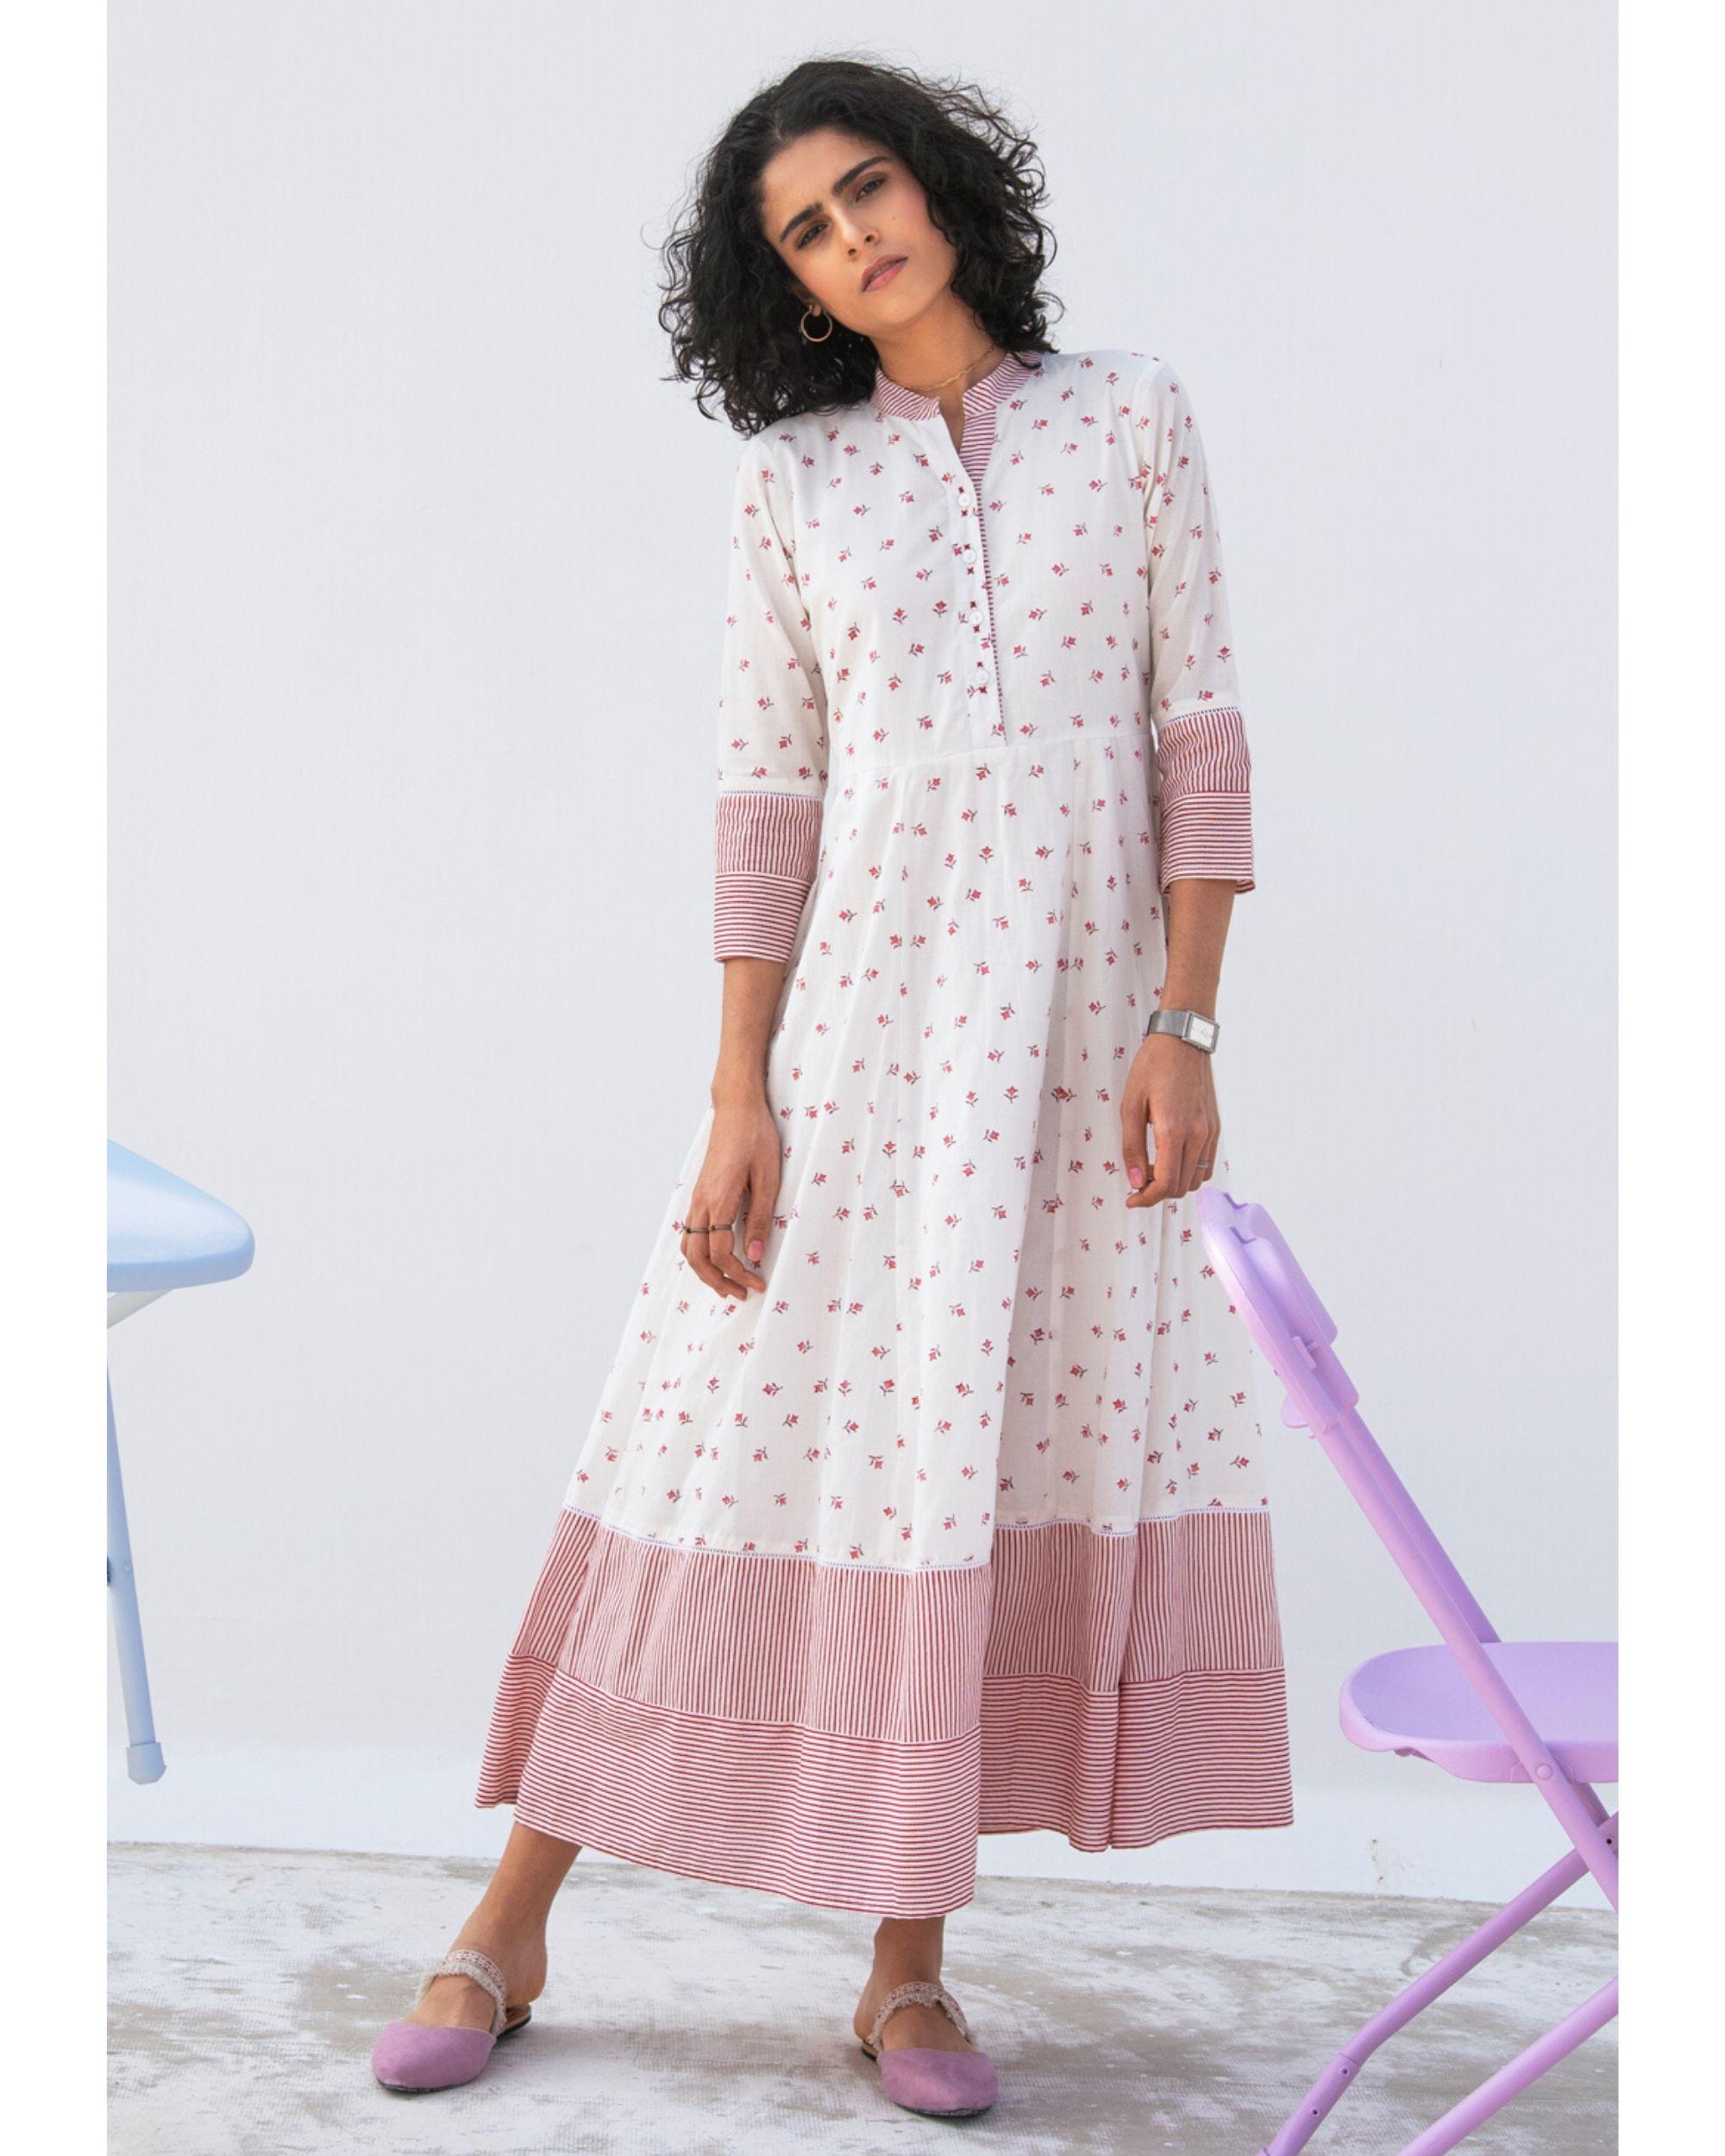 Mallow tiered maxi dress